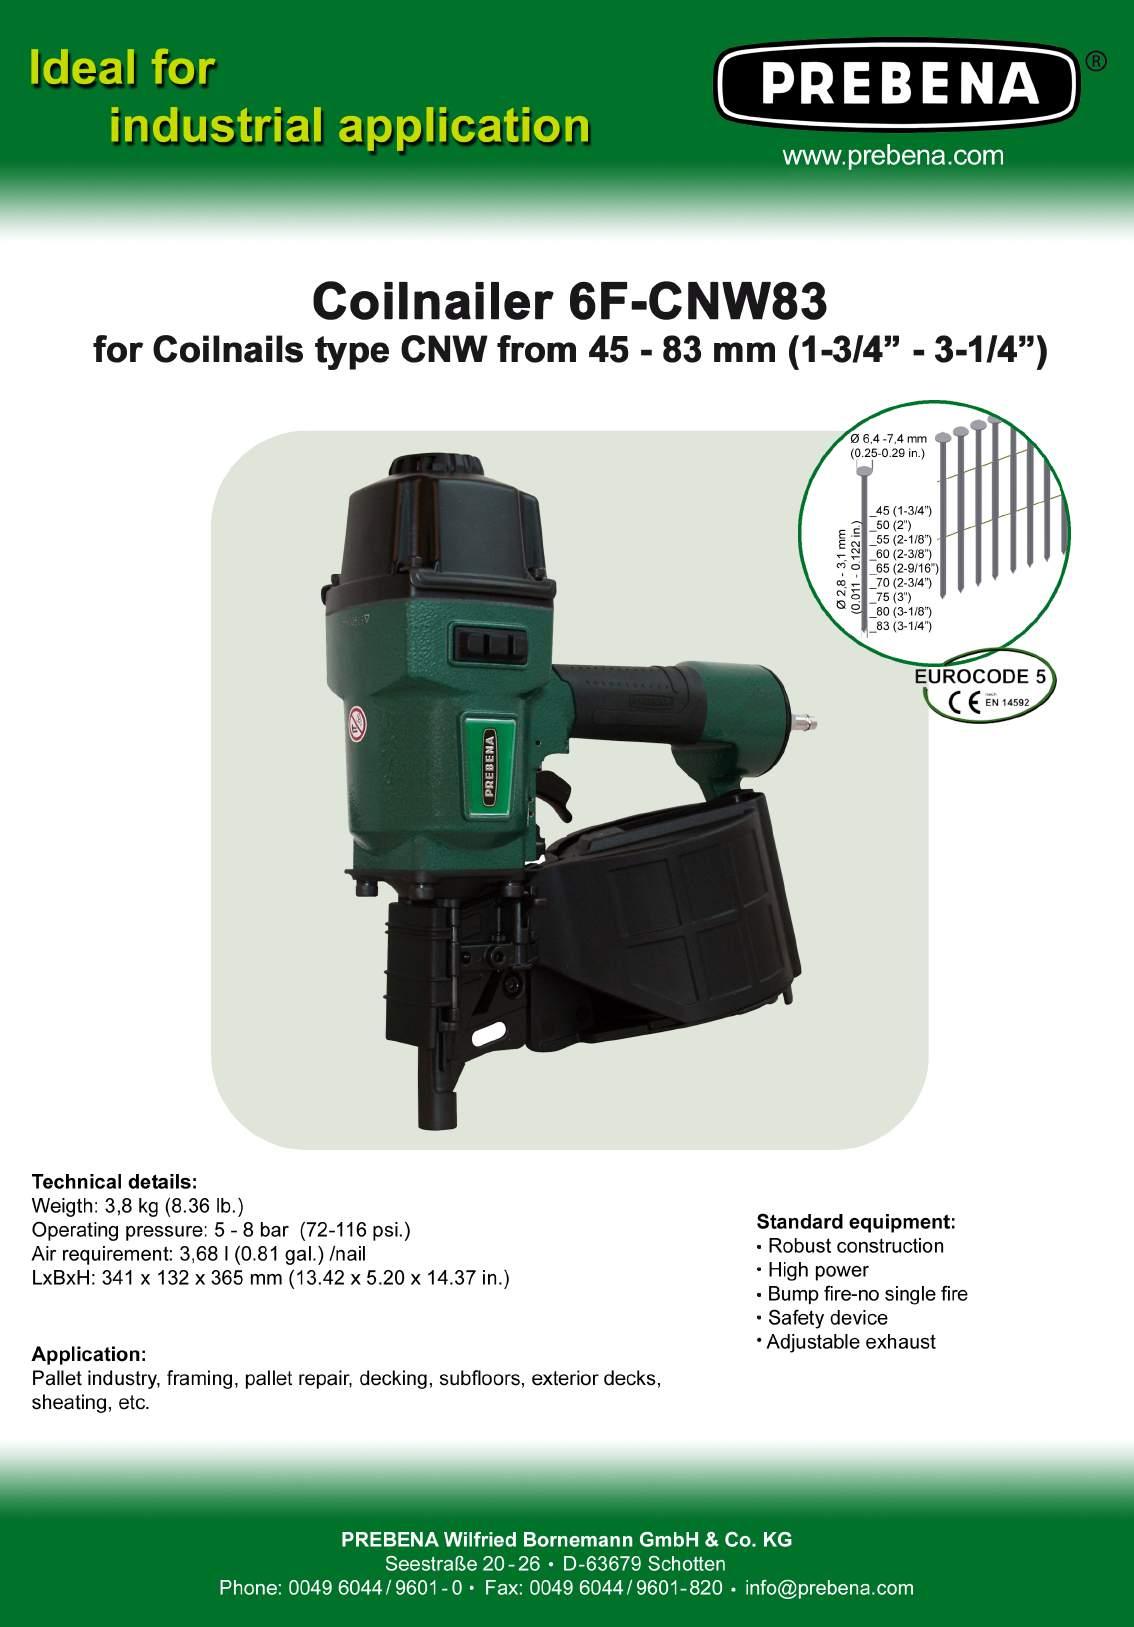 6F-CNW83 цвяхозабивний пневмопістолет